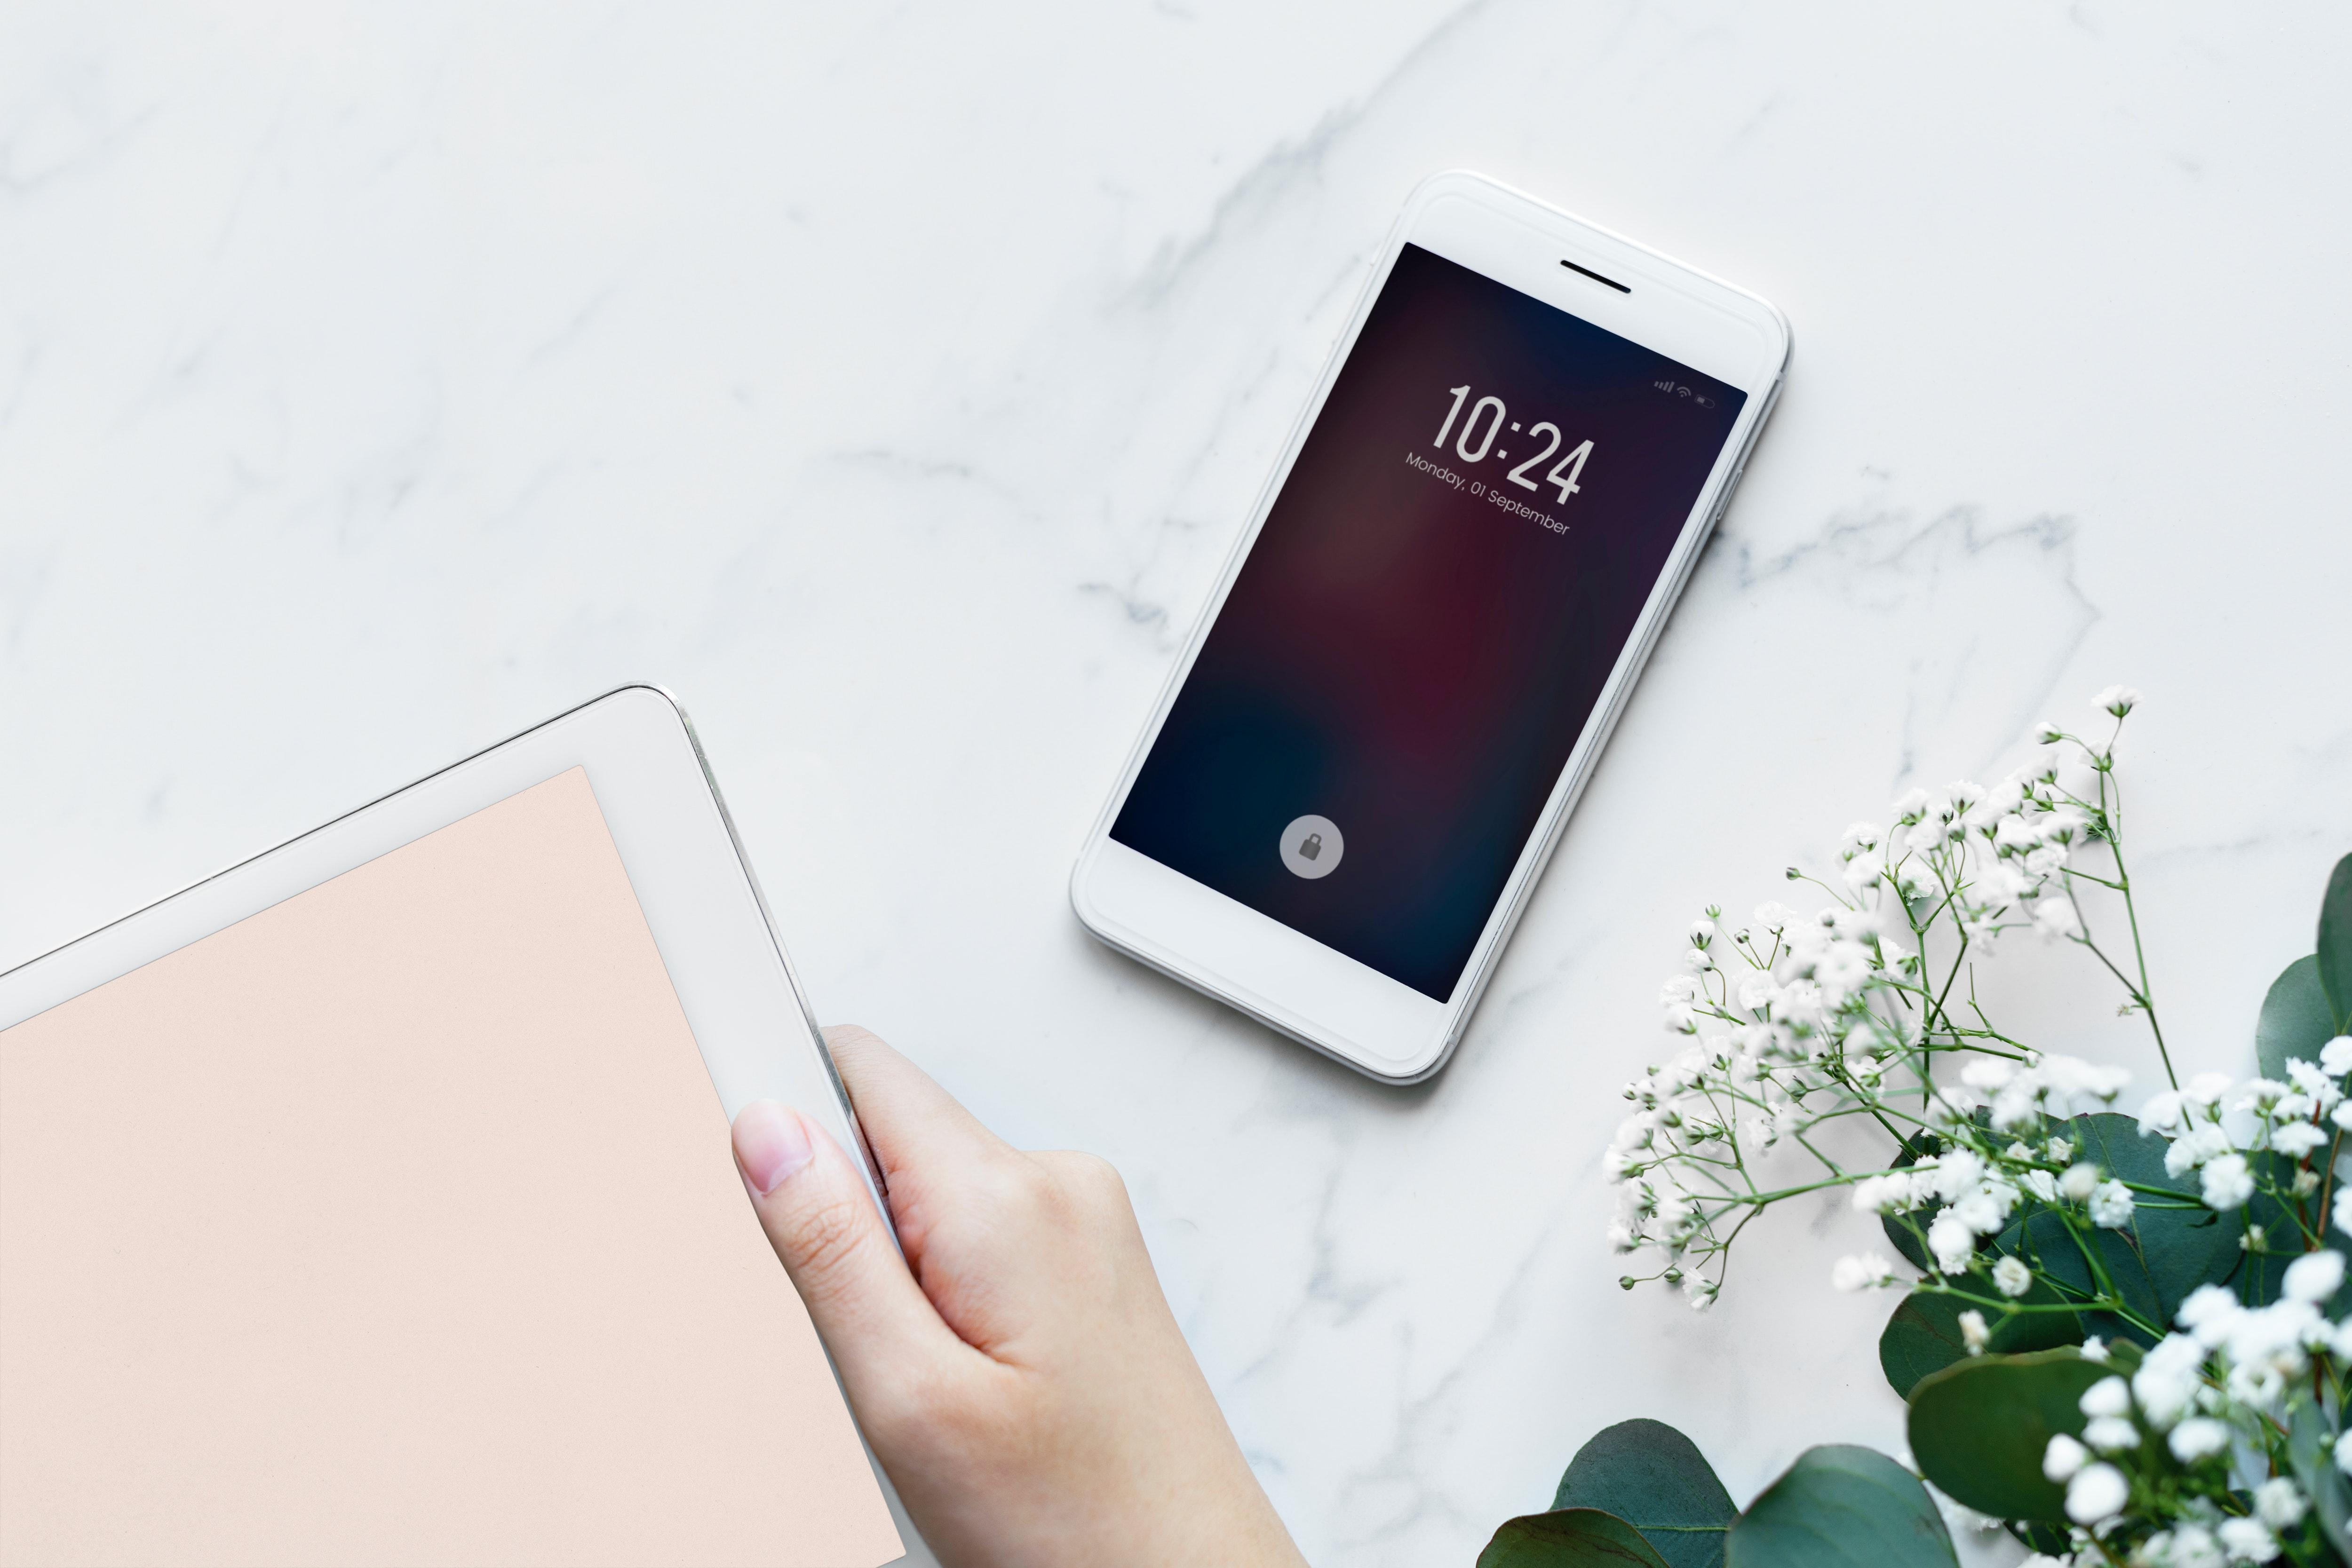 שליחת הודעות SMS ללקוחות: 8 טיפים שיעזרו לכם לעשות זאת נכון